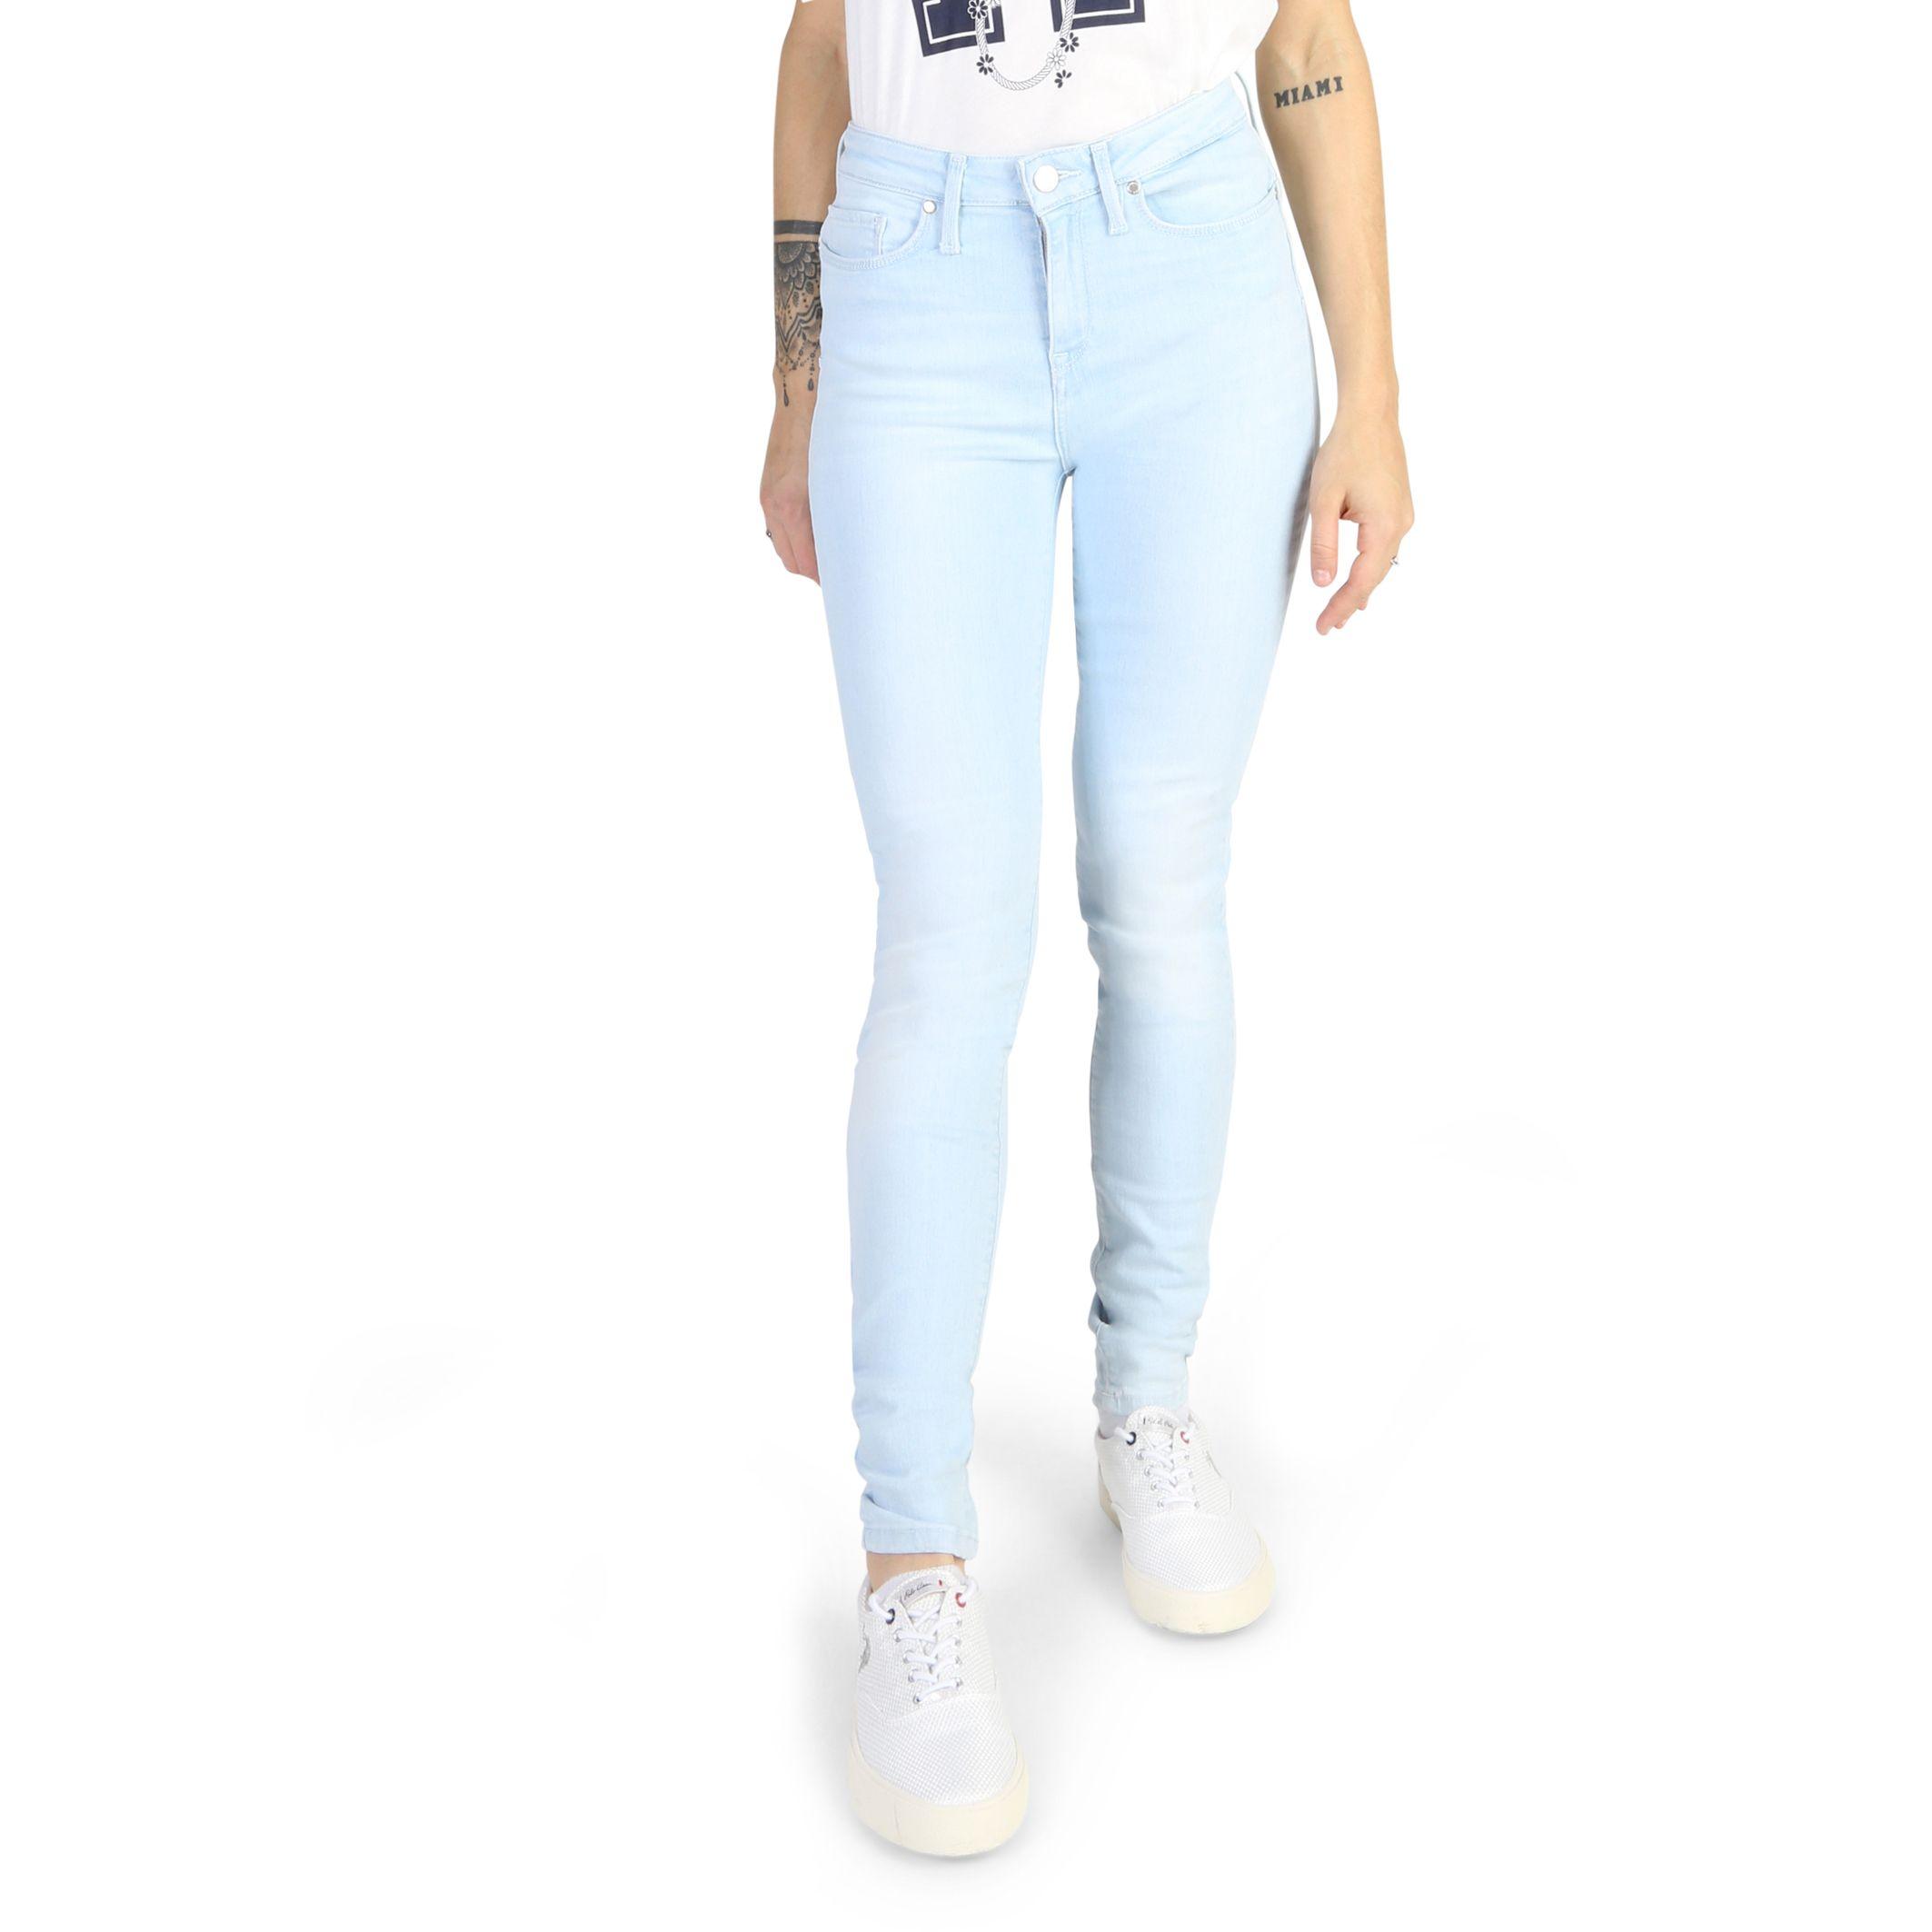 Jeans Tommy Hilfiger – WW0WW18000